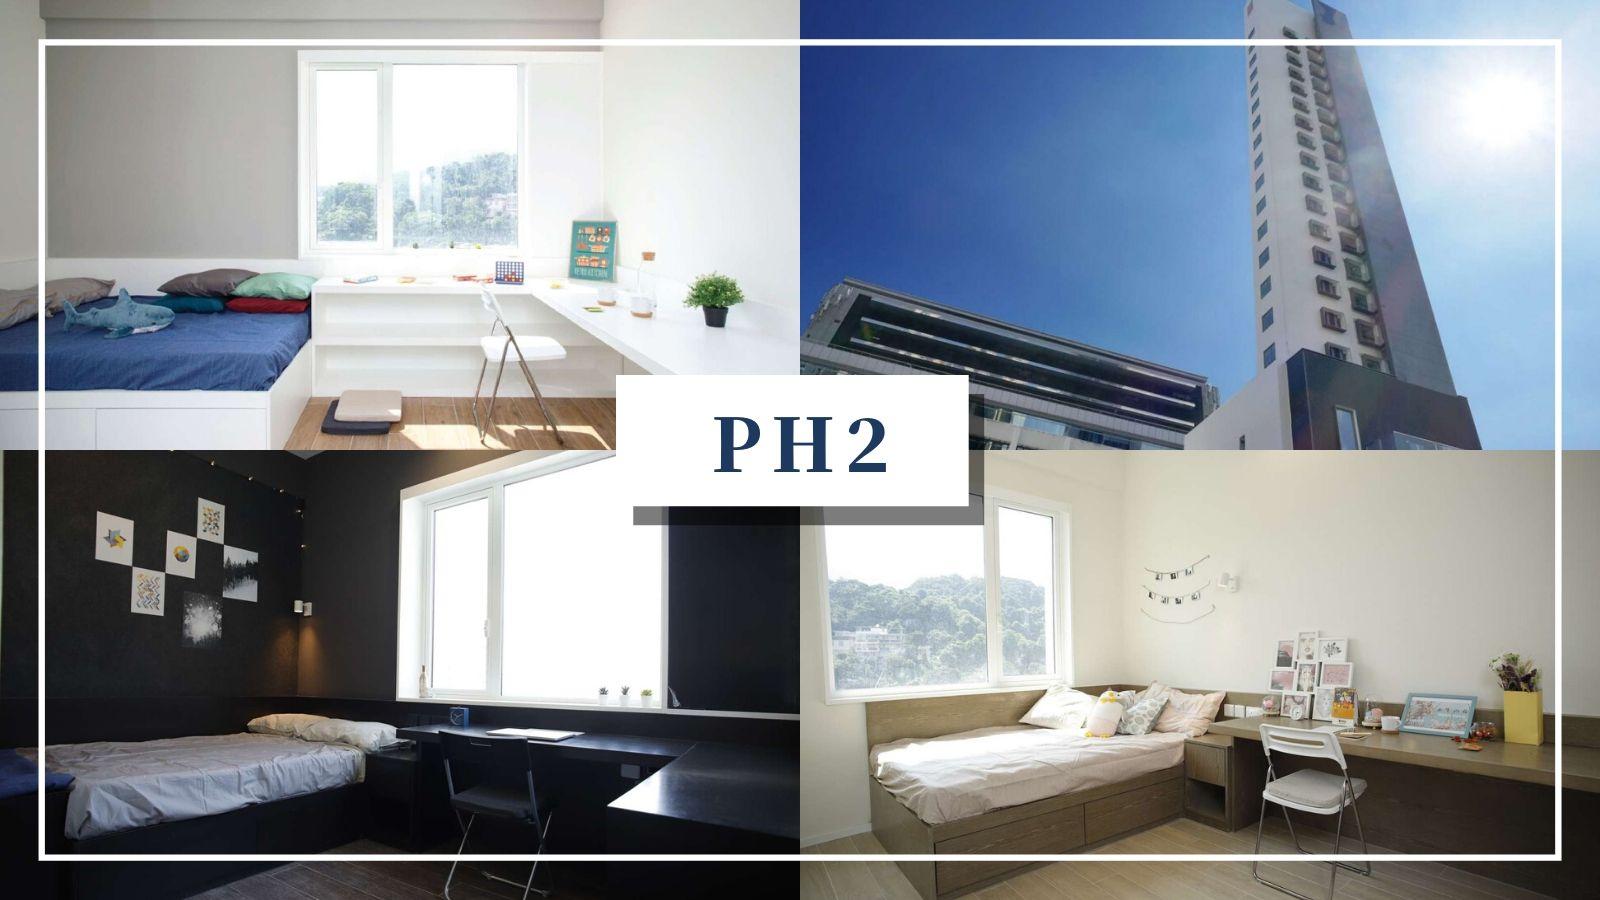 香港青年協會青年宿舍計劃PH2